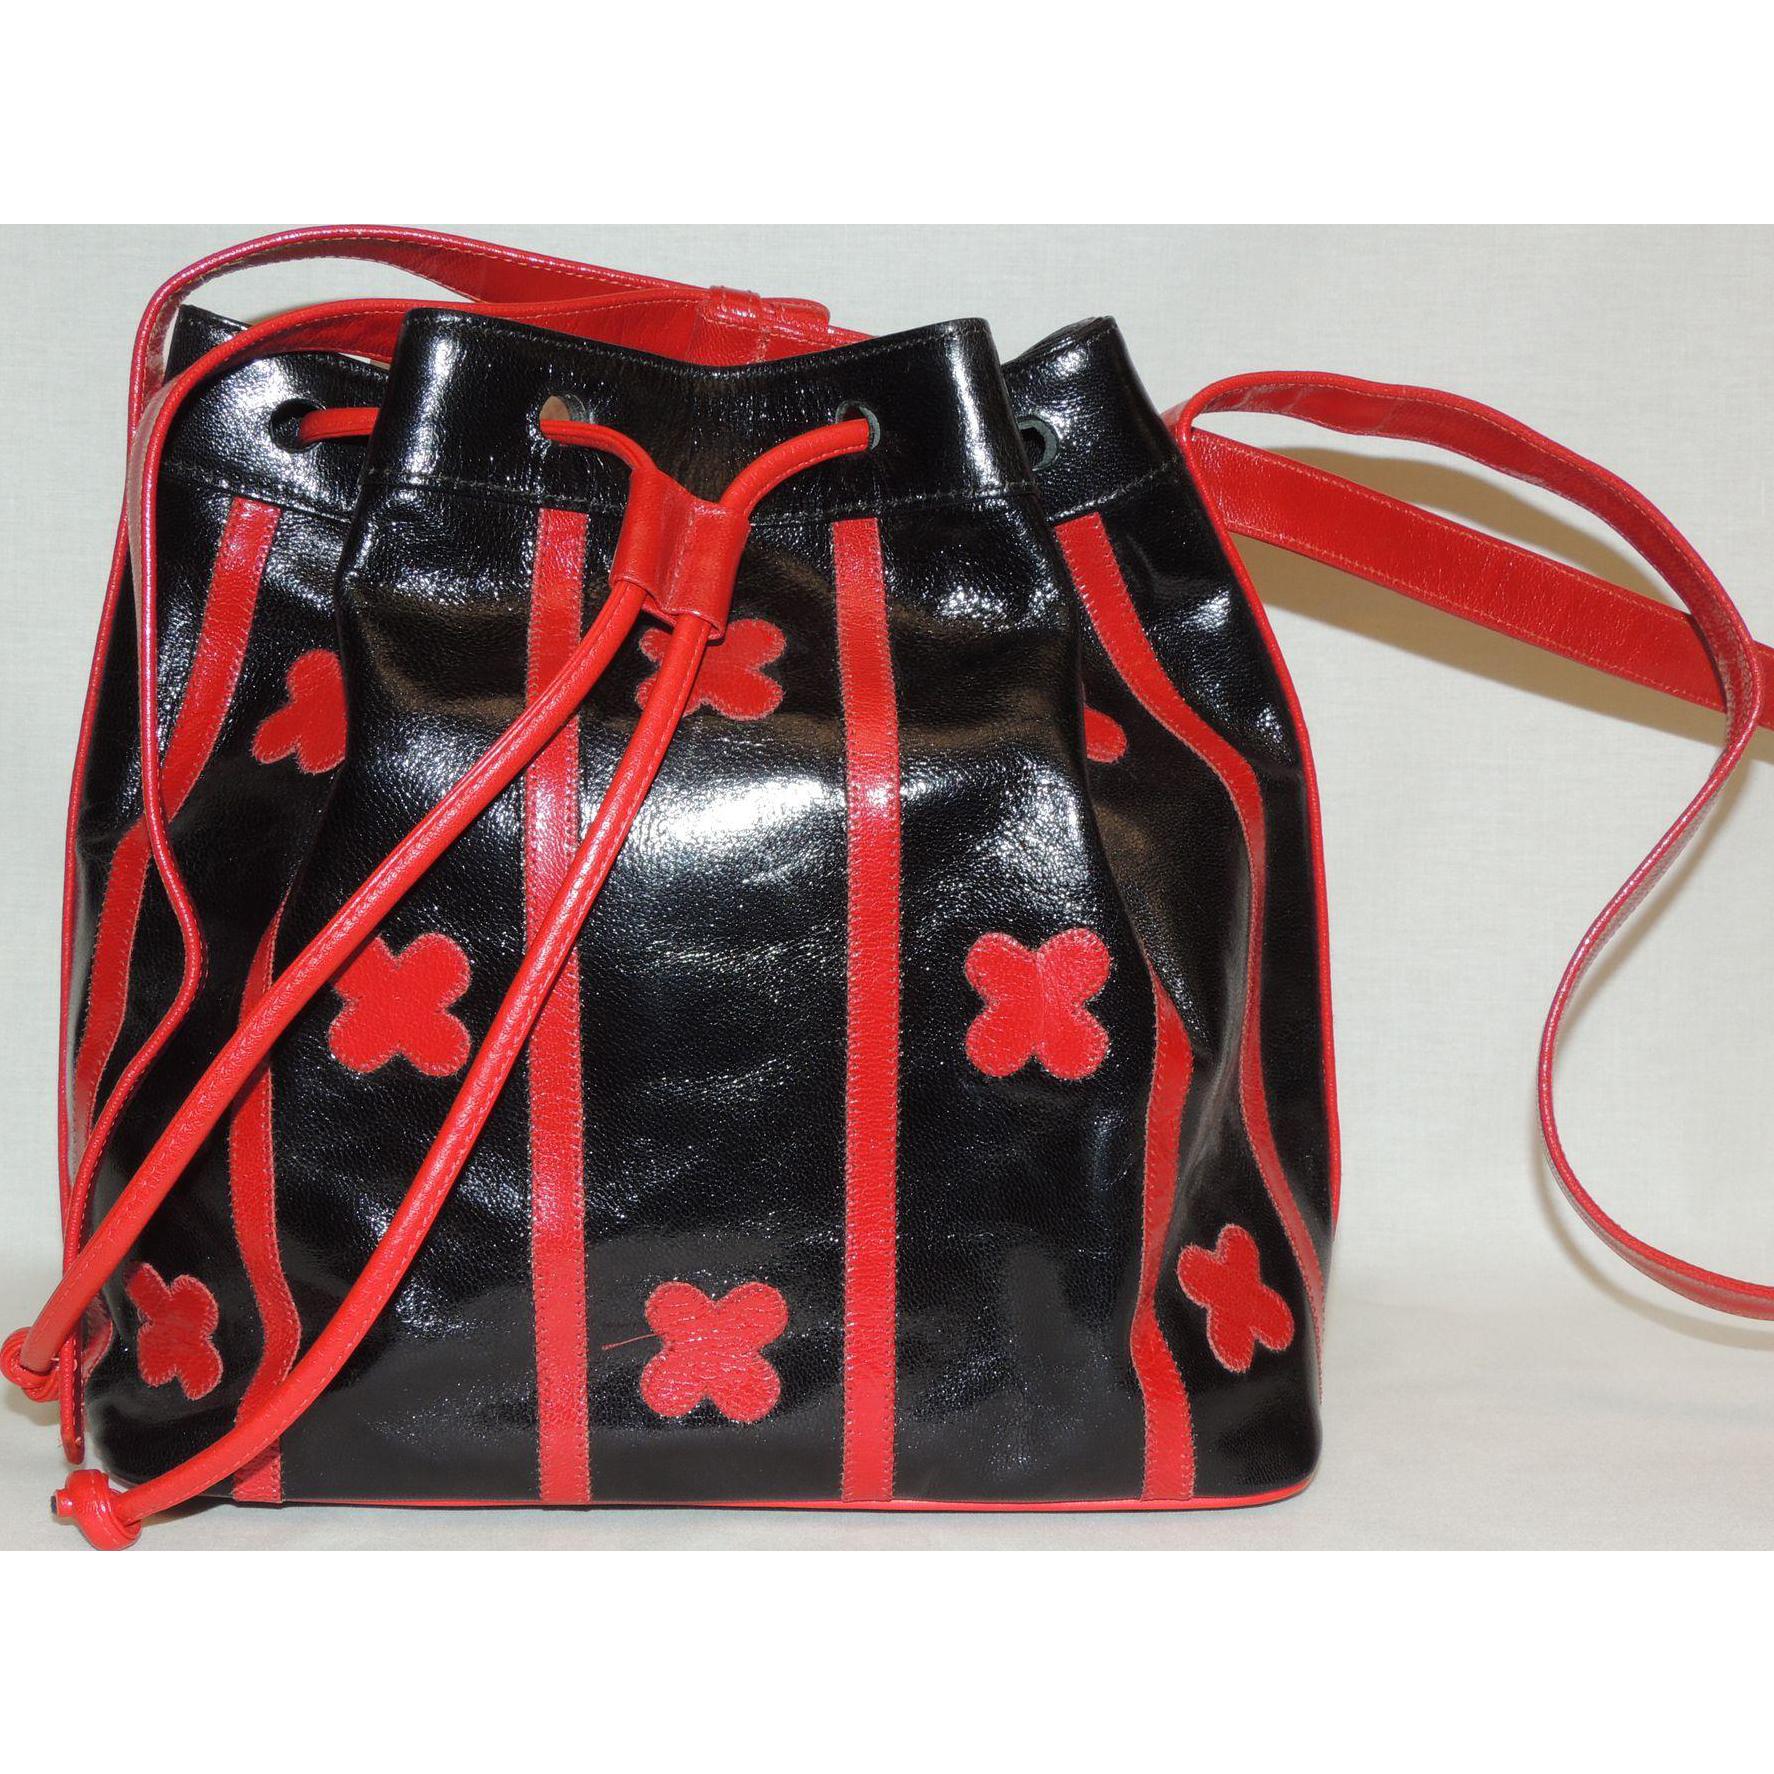 Vintage Carlos Falchi Bucket Style Purse Handbag